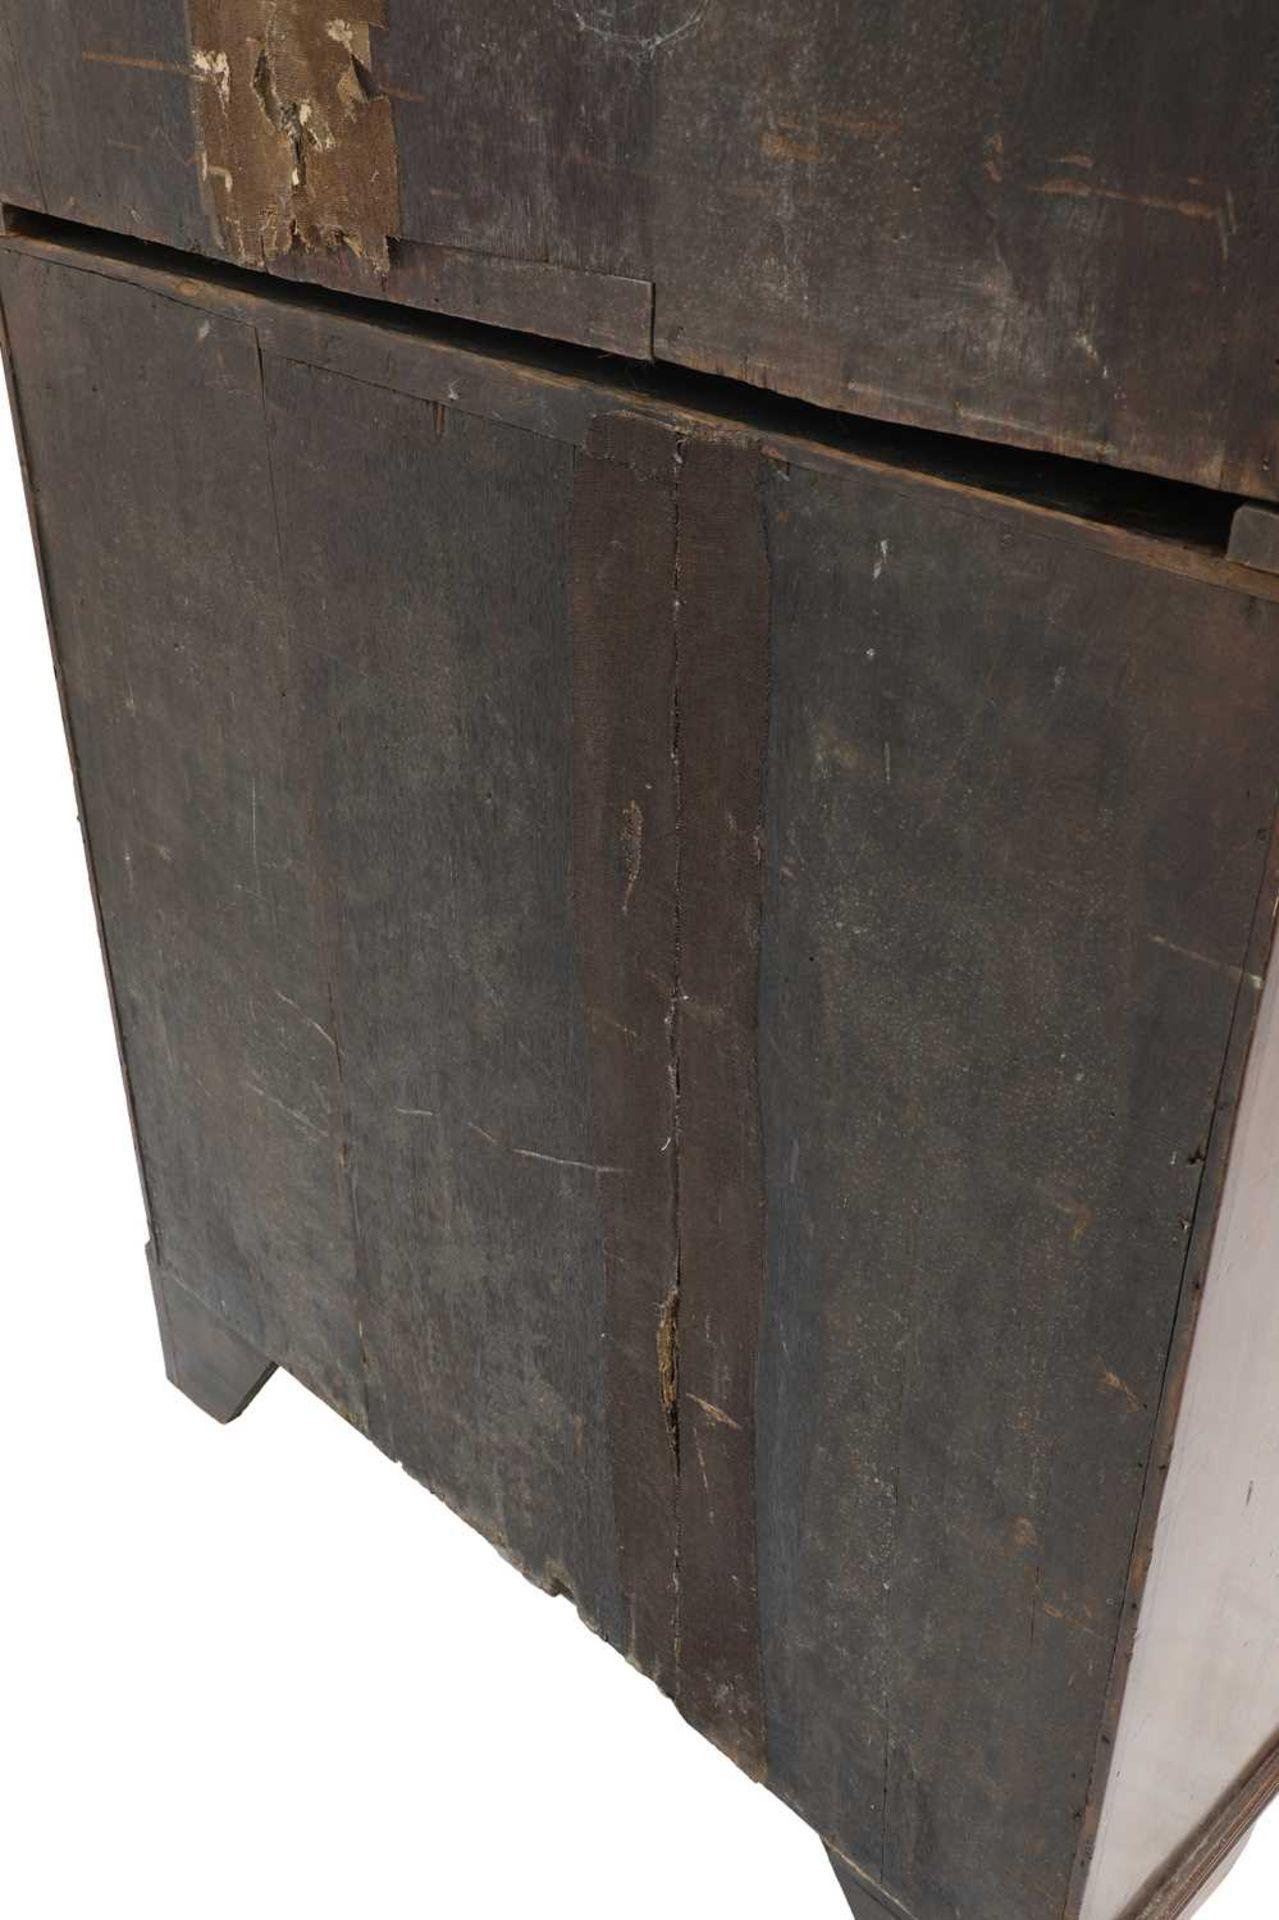 A George III mahogany bureau bookcase, - Image 4 of 6